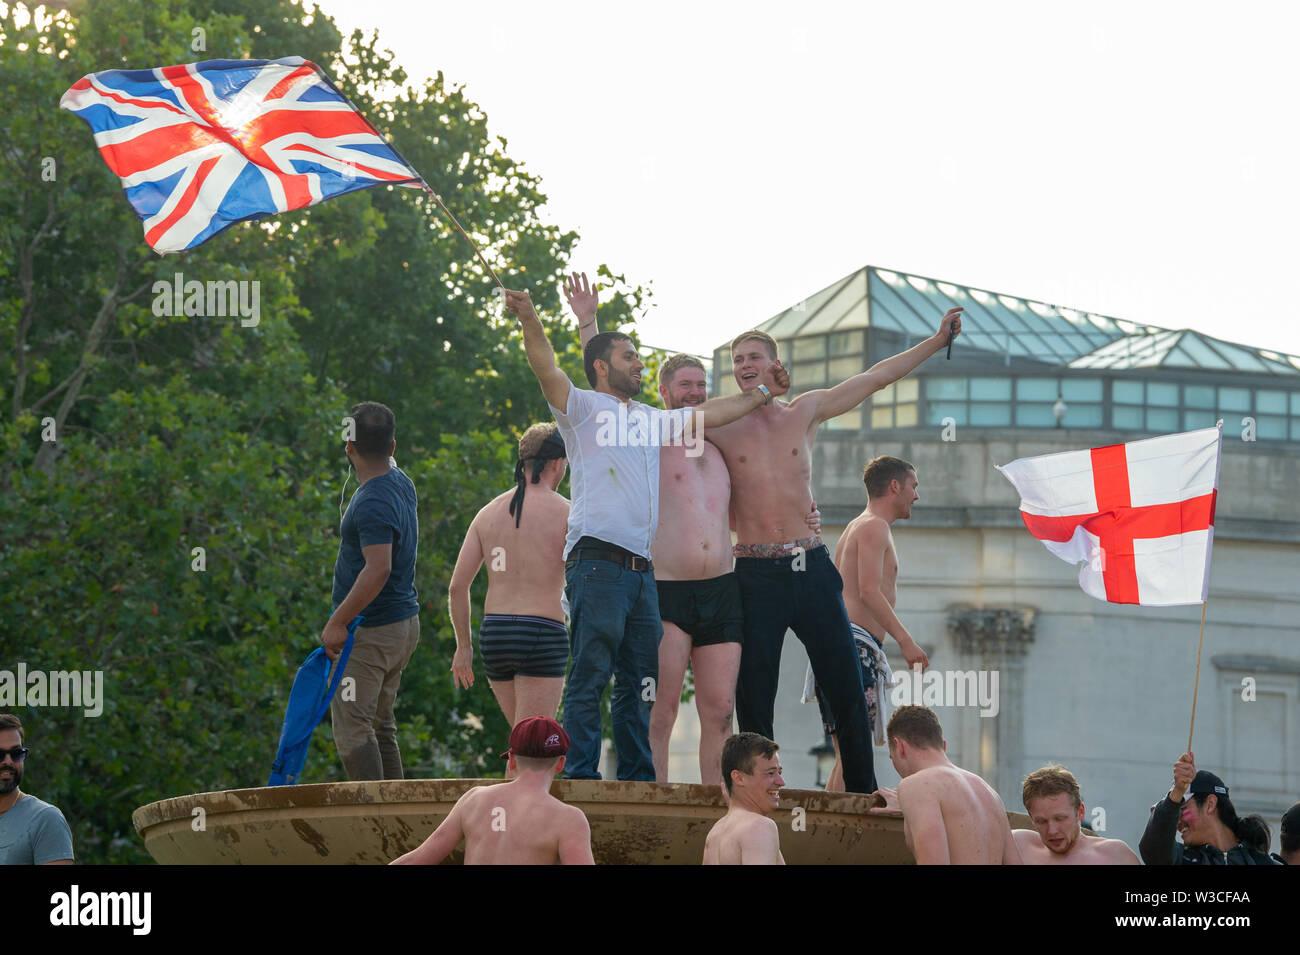 Londres, Royaume-Uni. 14 juillet 2019. Fans réunis à Trafalgar Square, au centre de Londres pour voir l'Angleterre gagner la Coupe du Monde de Cricket ICC 2019 contre la Nouvelle-Zélande. Crédit: Peter Manning/Alamy Live News Banque D'Images